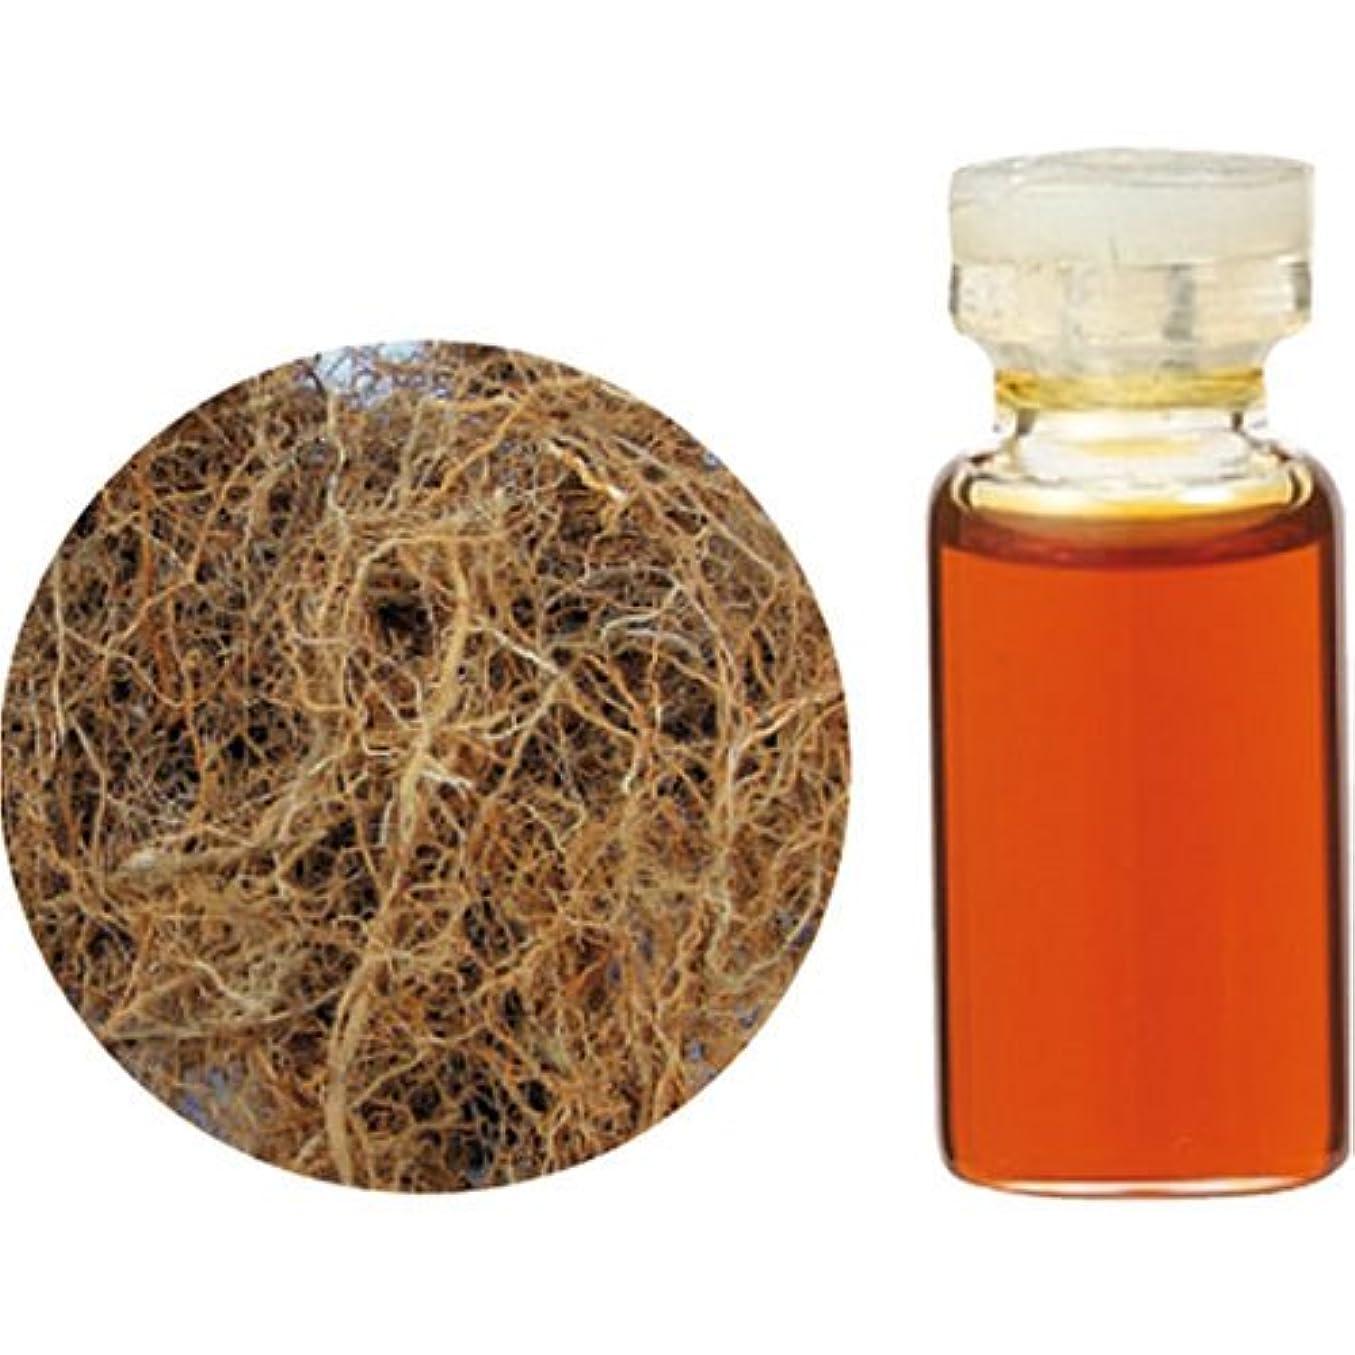 許容できる提供された忌避剤Herbal Life べチバー 10ml